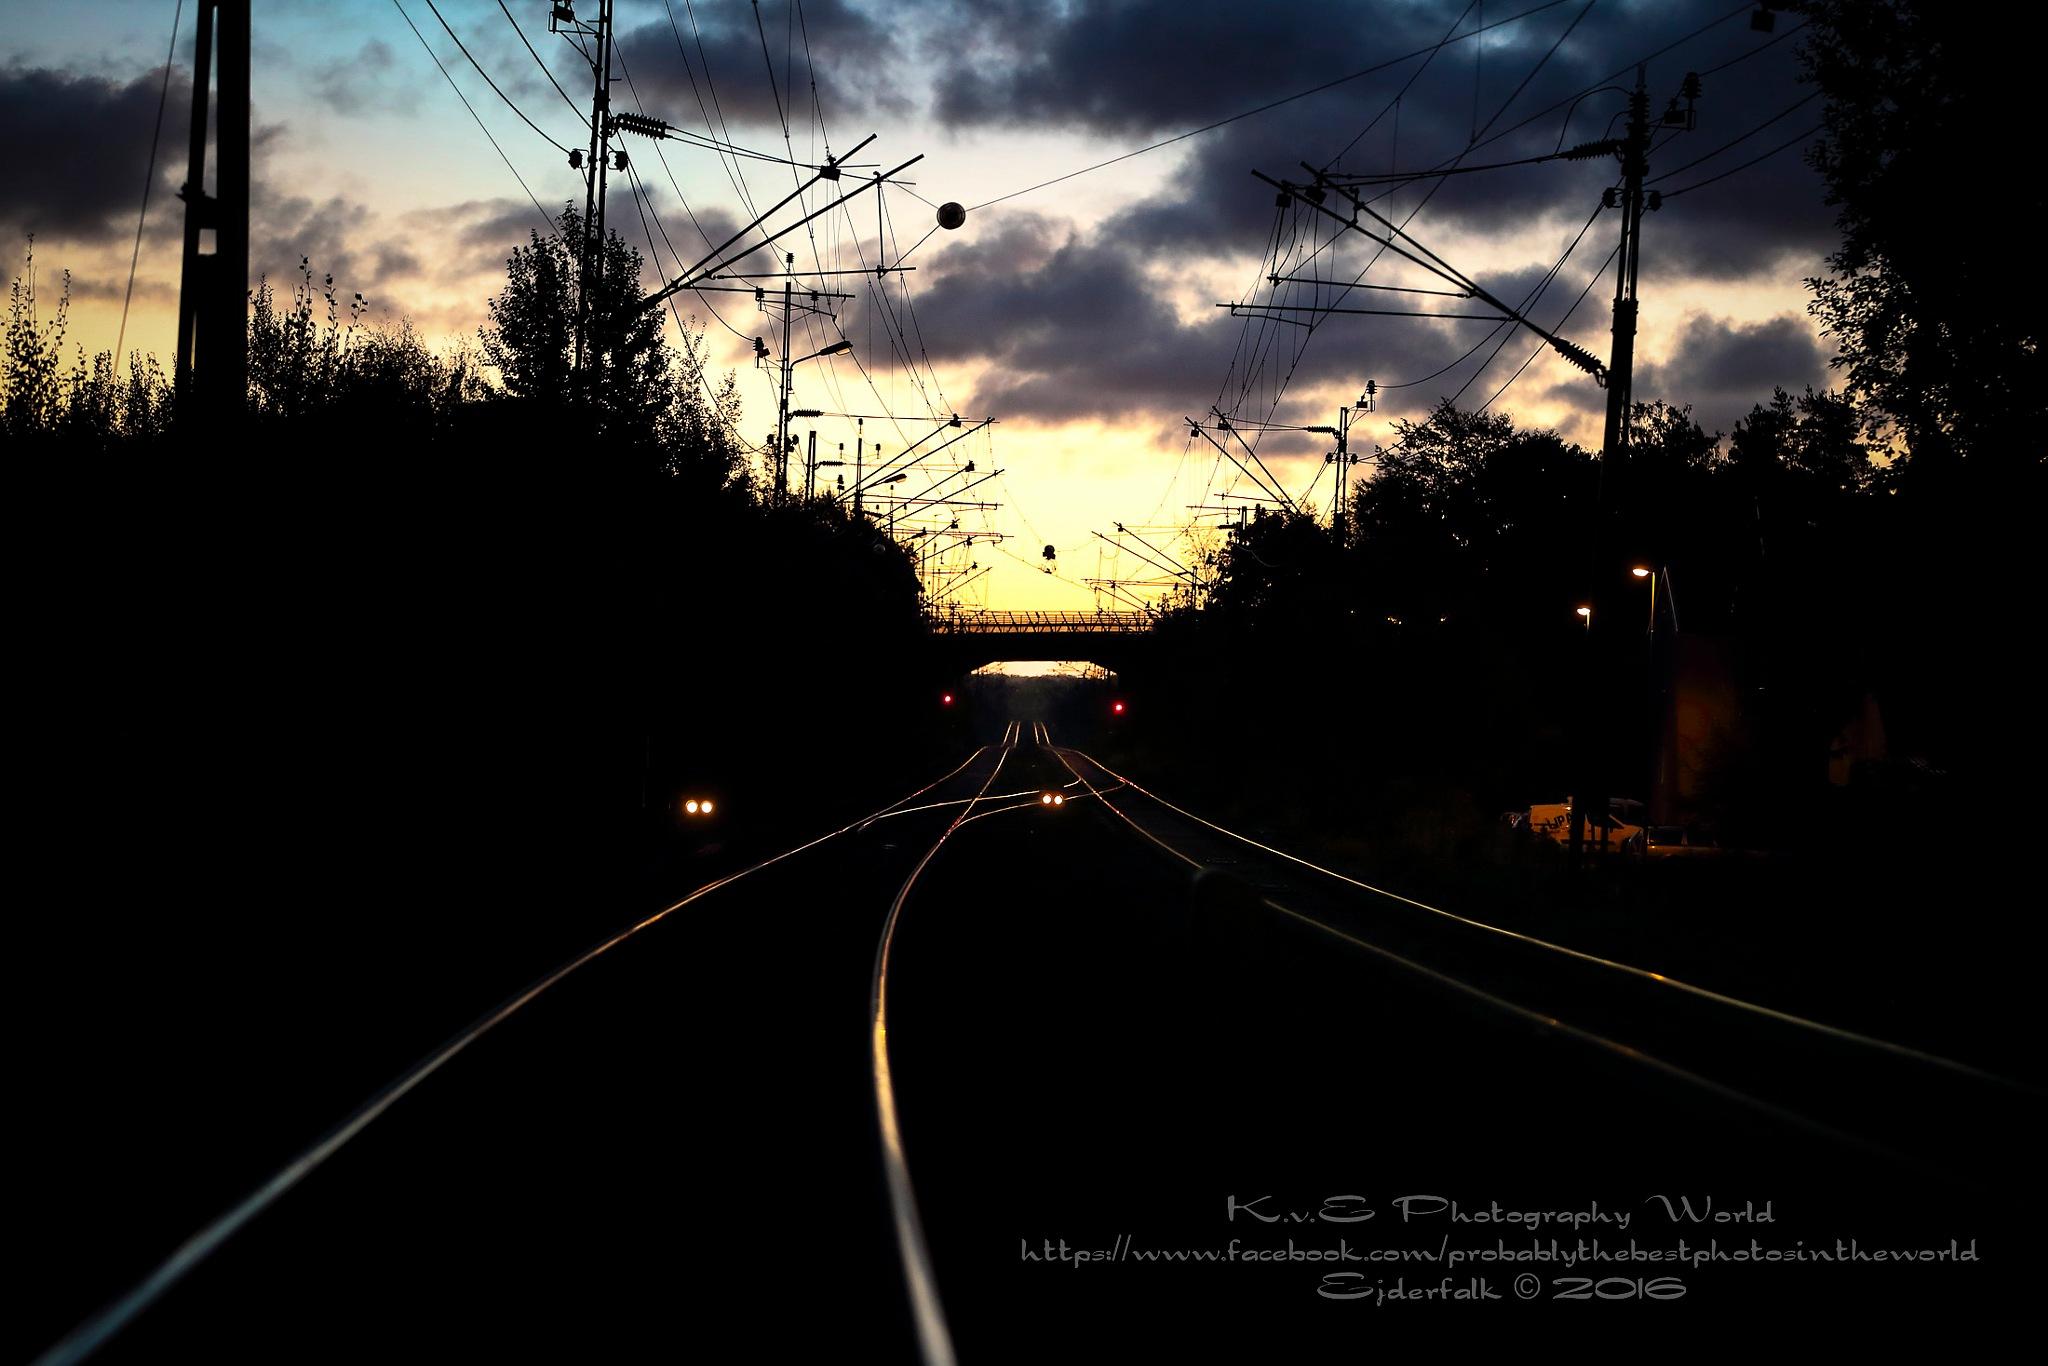 Runaway Train by Von Ejderfalk Kazper